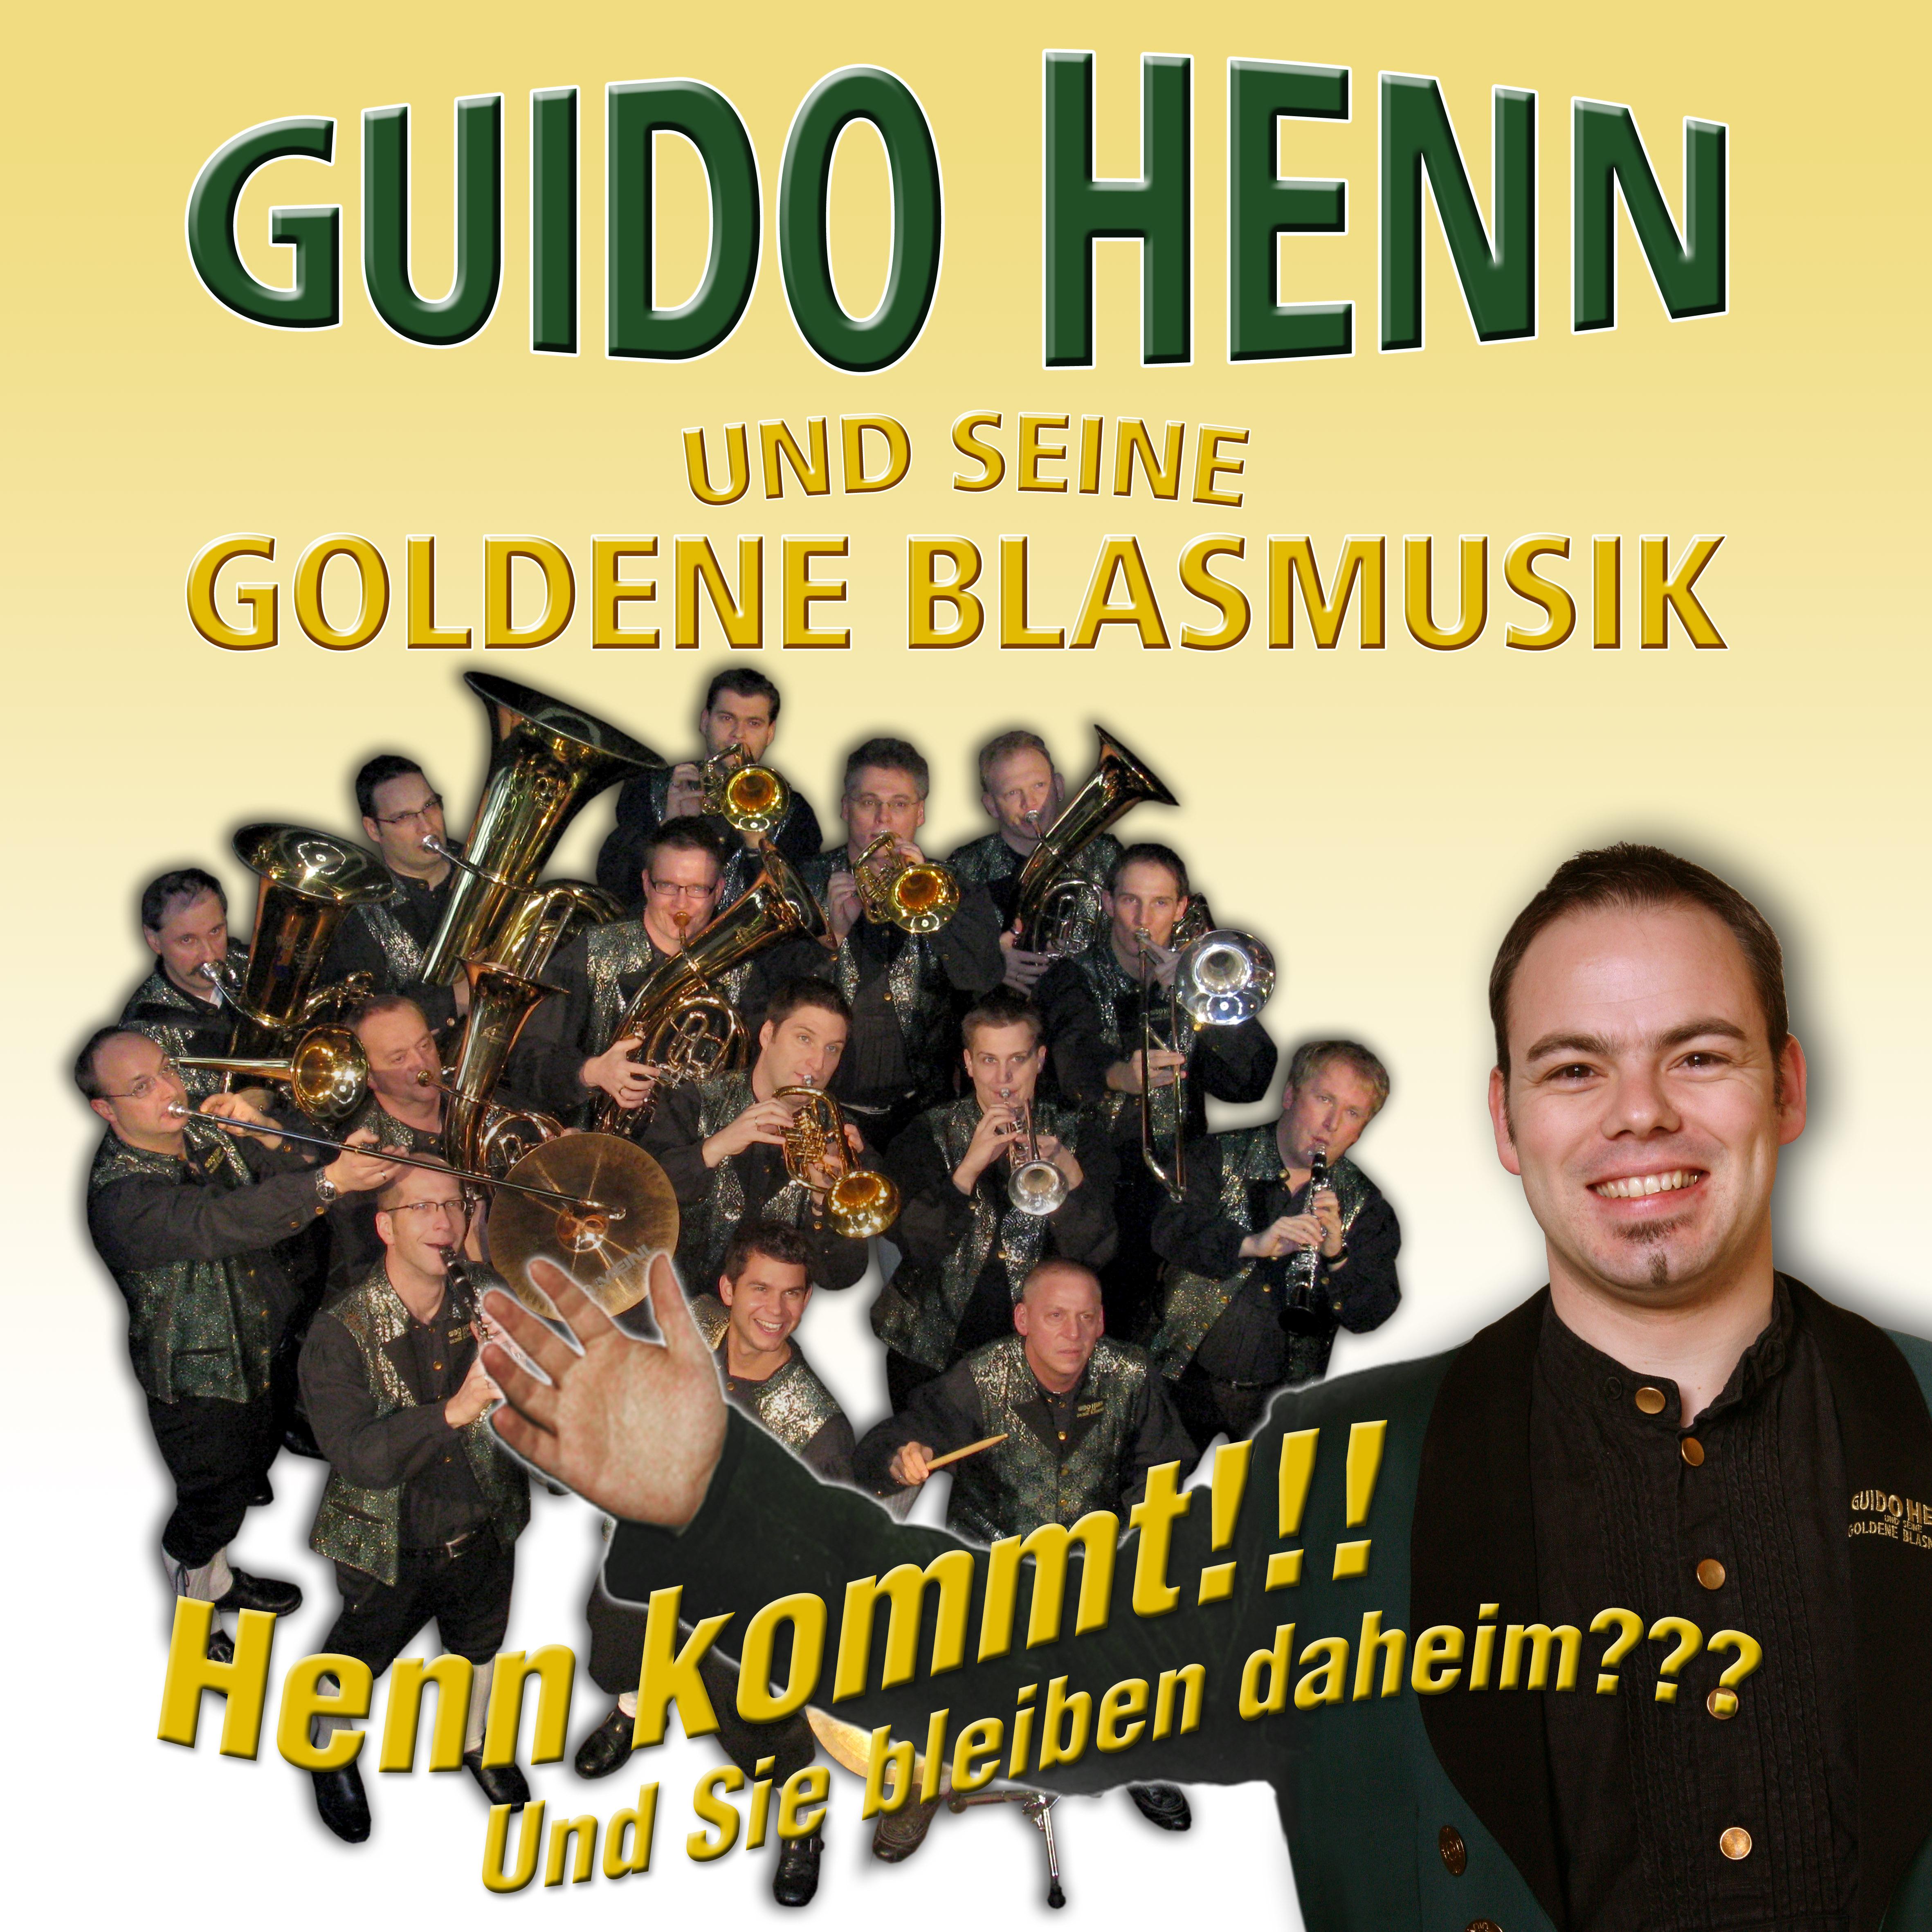 Guido henn